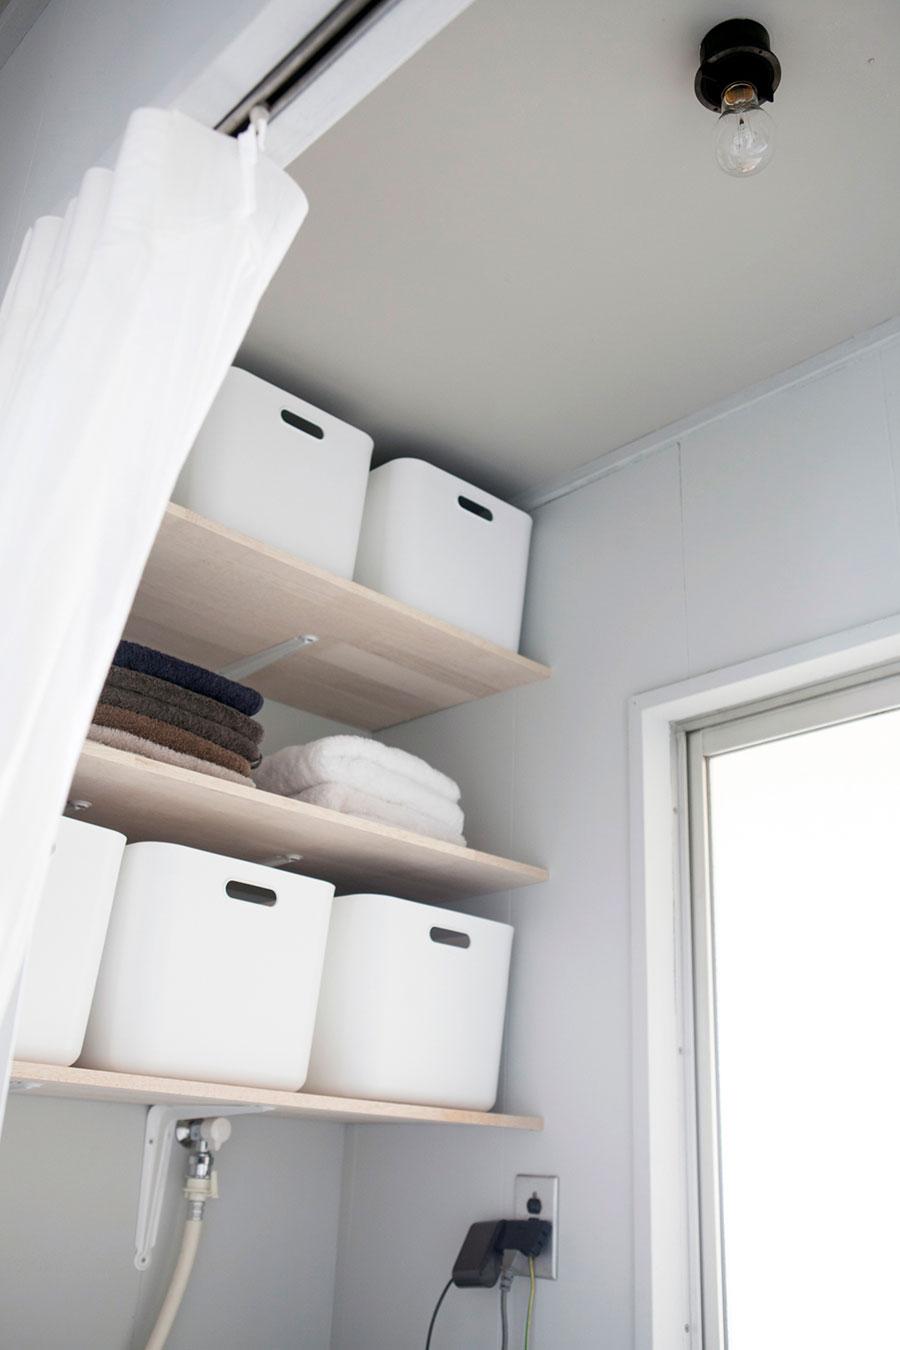 洗面所の棚は、「クラディ」のアドバイスを受け、壁の奥の間柱をめがけて設置。ニトリのボックスのサイズに合わせた。